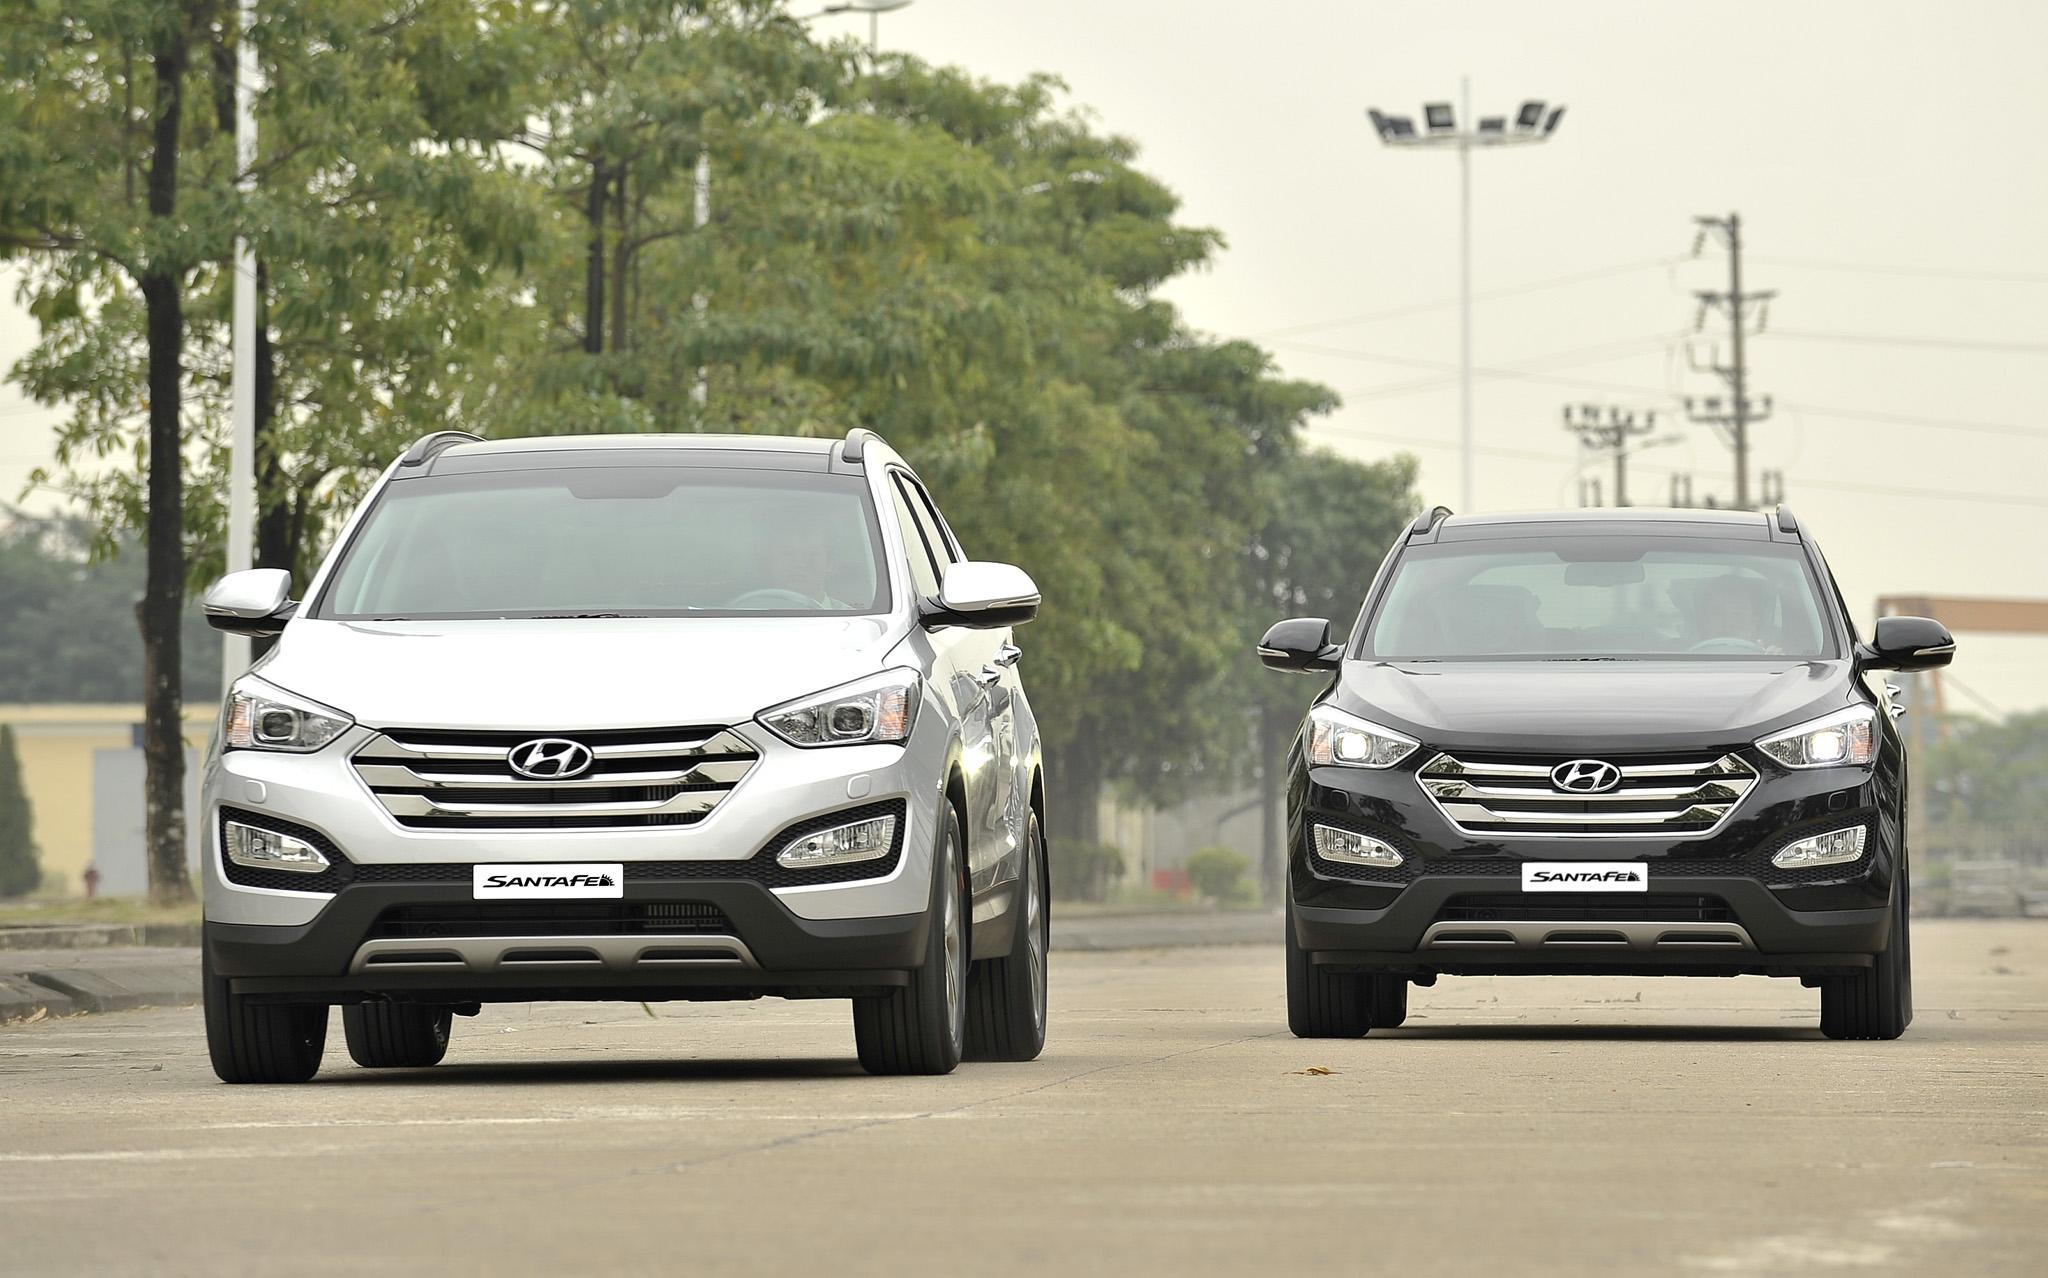 Hyundai Thành Công khuyến mại 3 mẫu xe SantaFe, Avante và Elantra 5